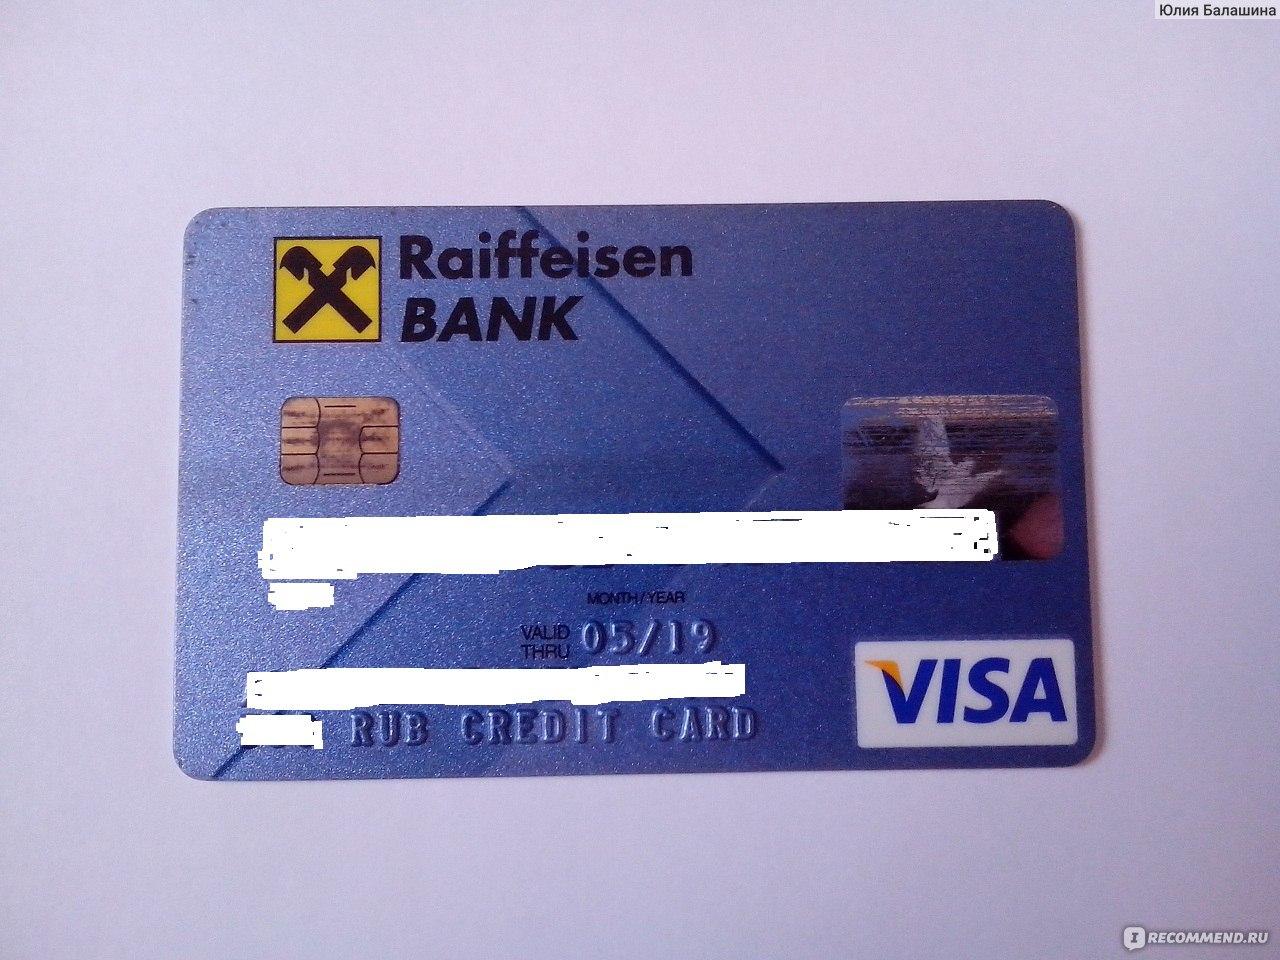 Горячая линия онлайн банка